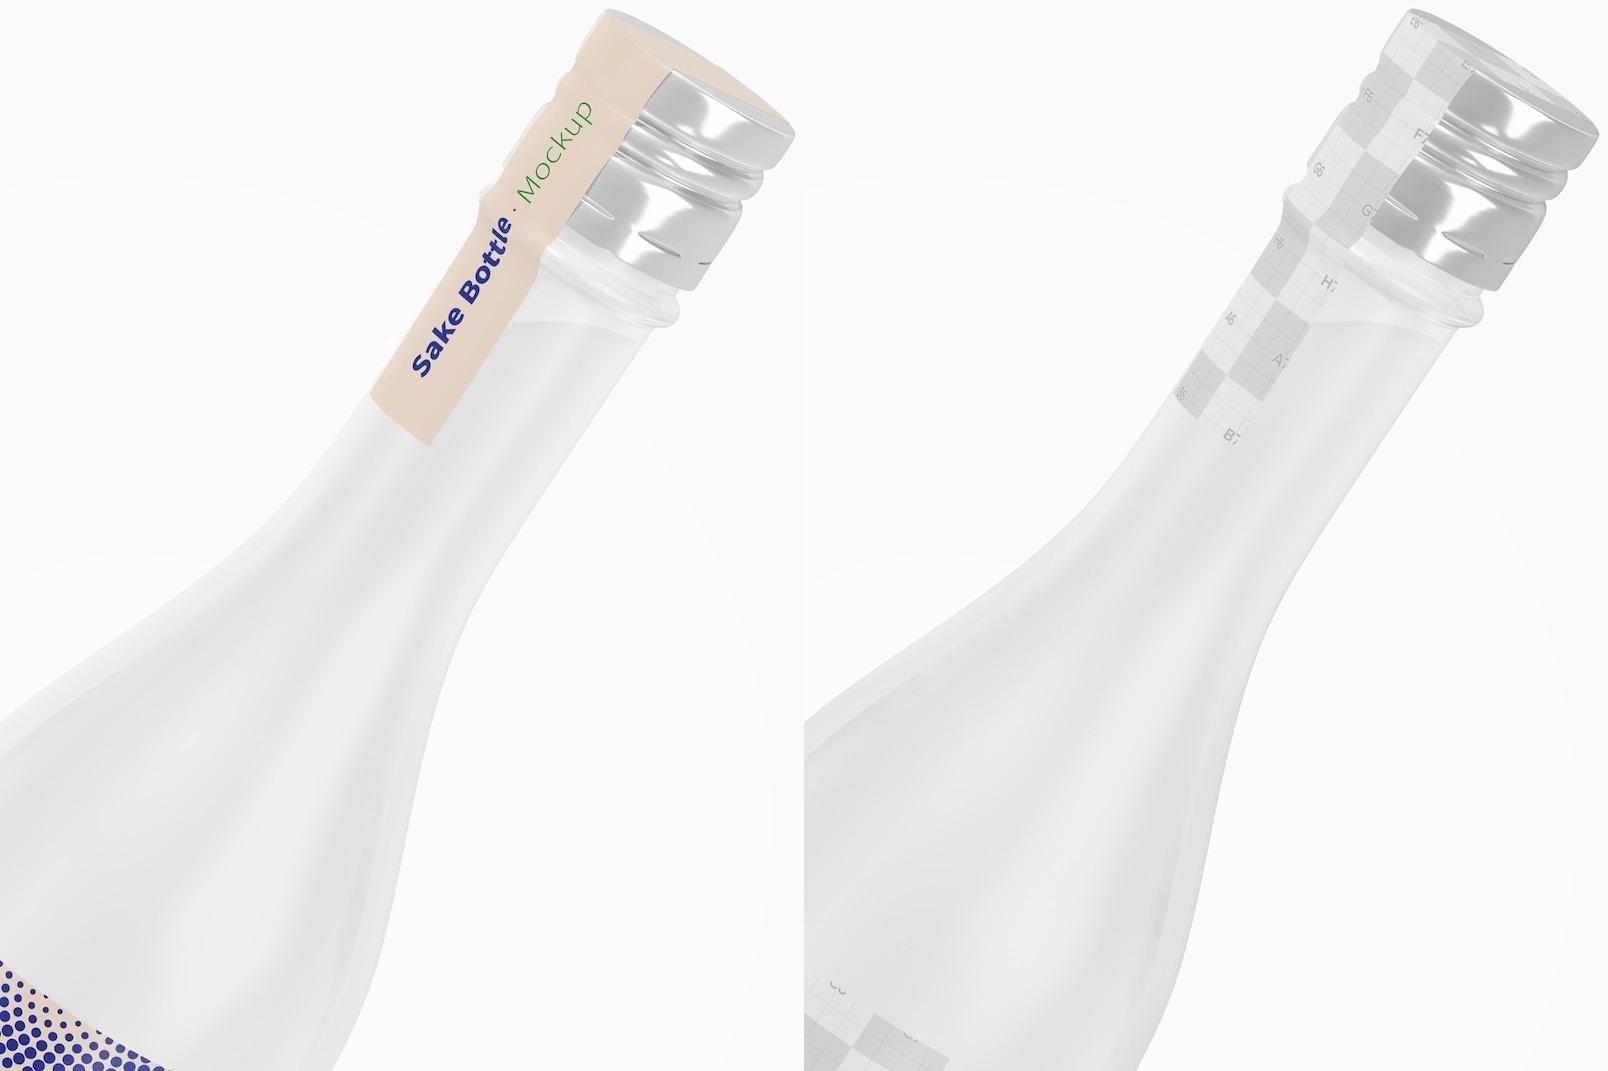 Sake Bottle Mockup, Close Up